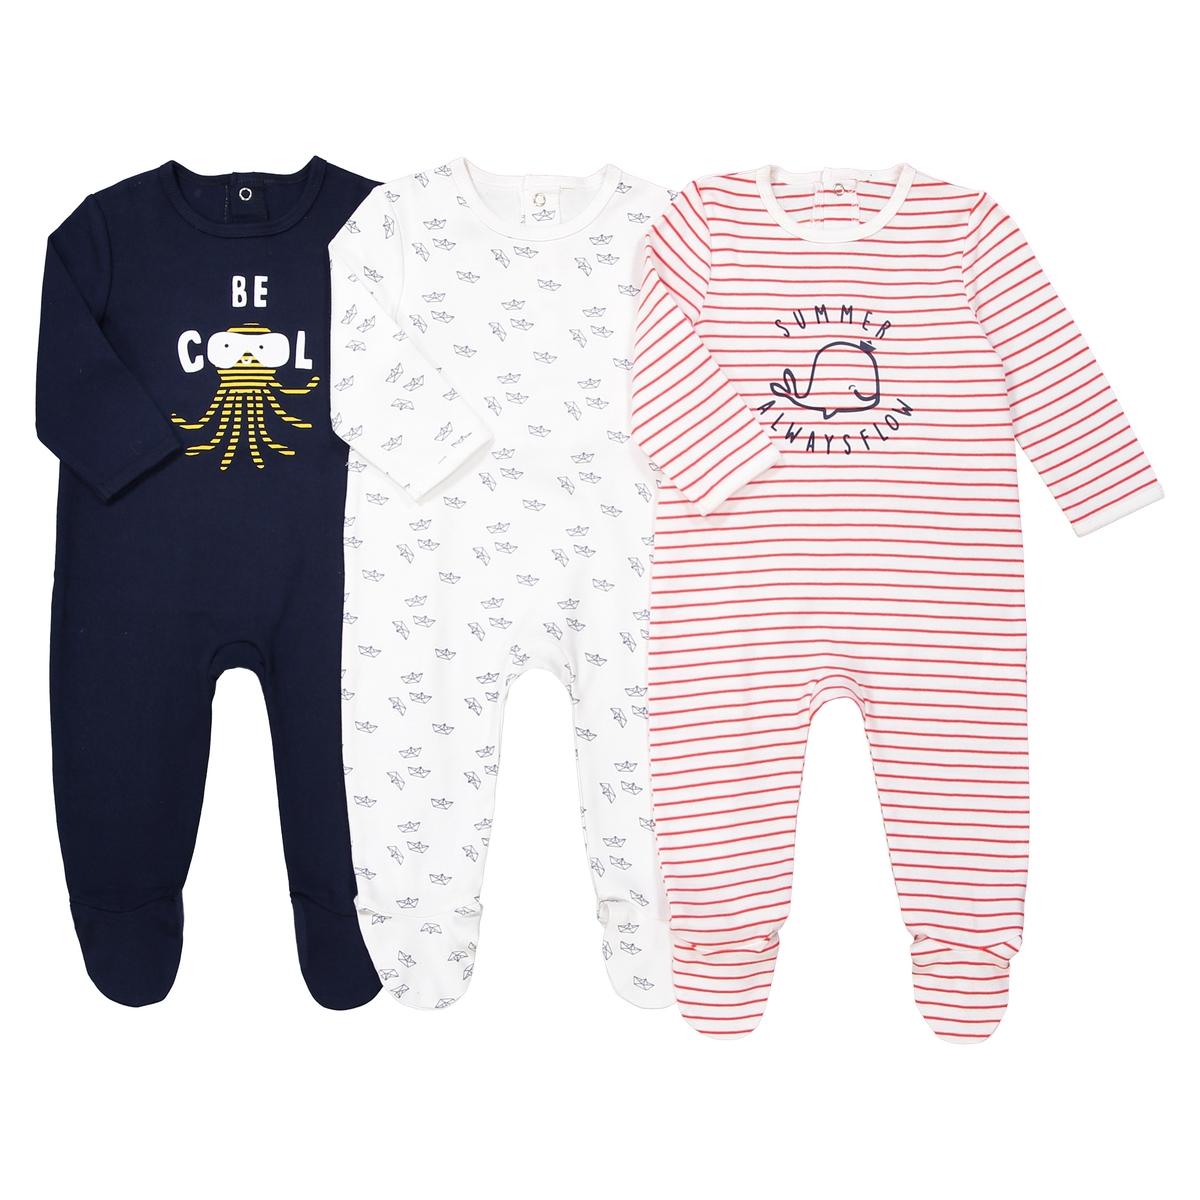 Комплект из 3 пижам из хлопка, 0-3 года комплект из 2 пижам 0 мес 3 года